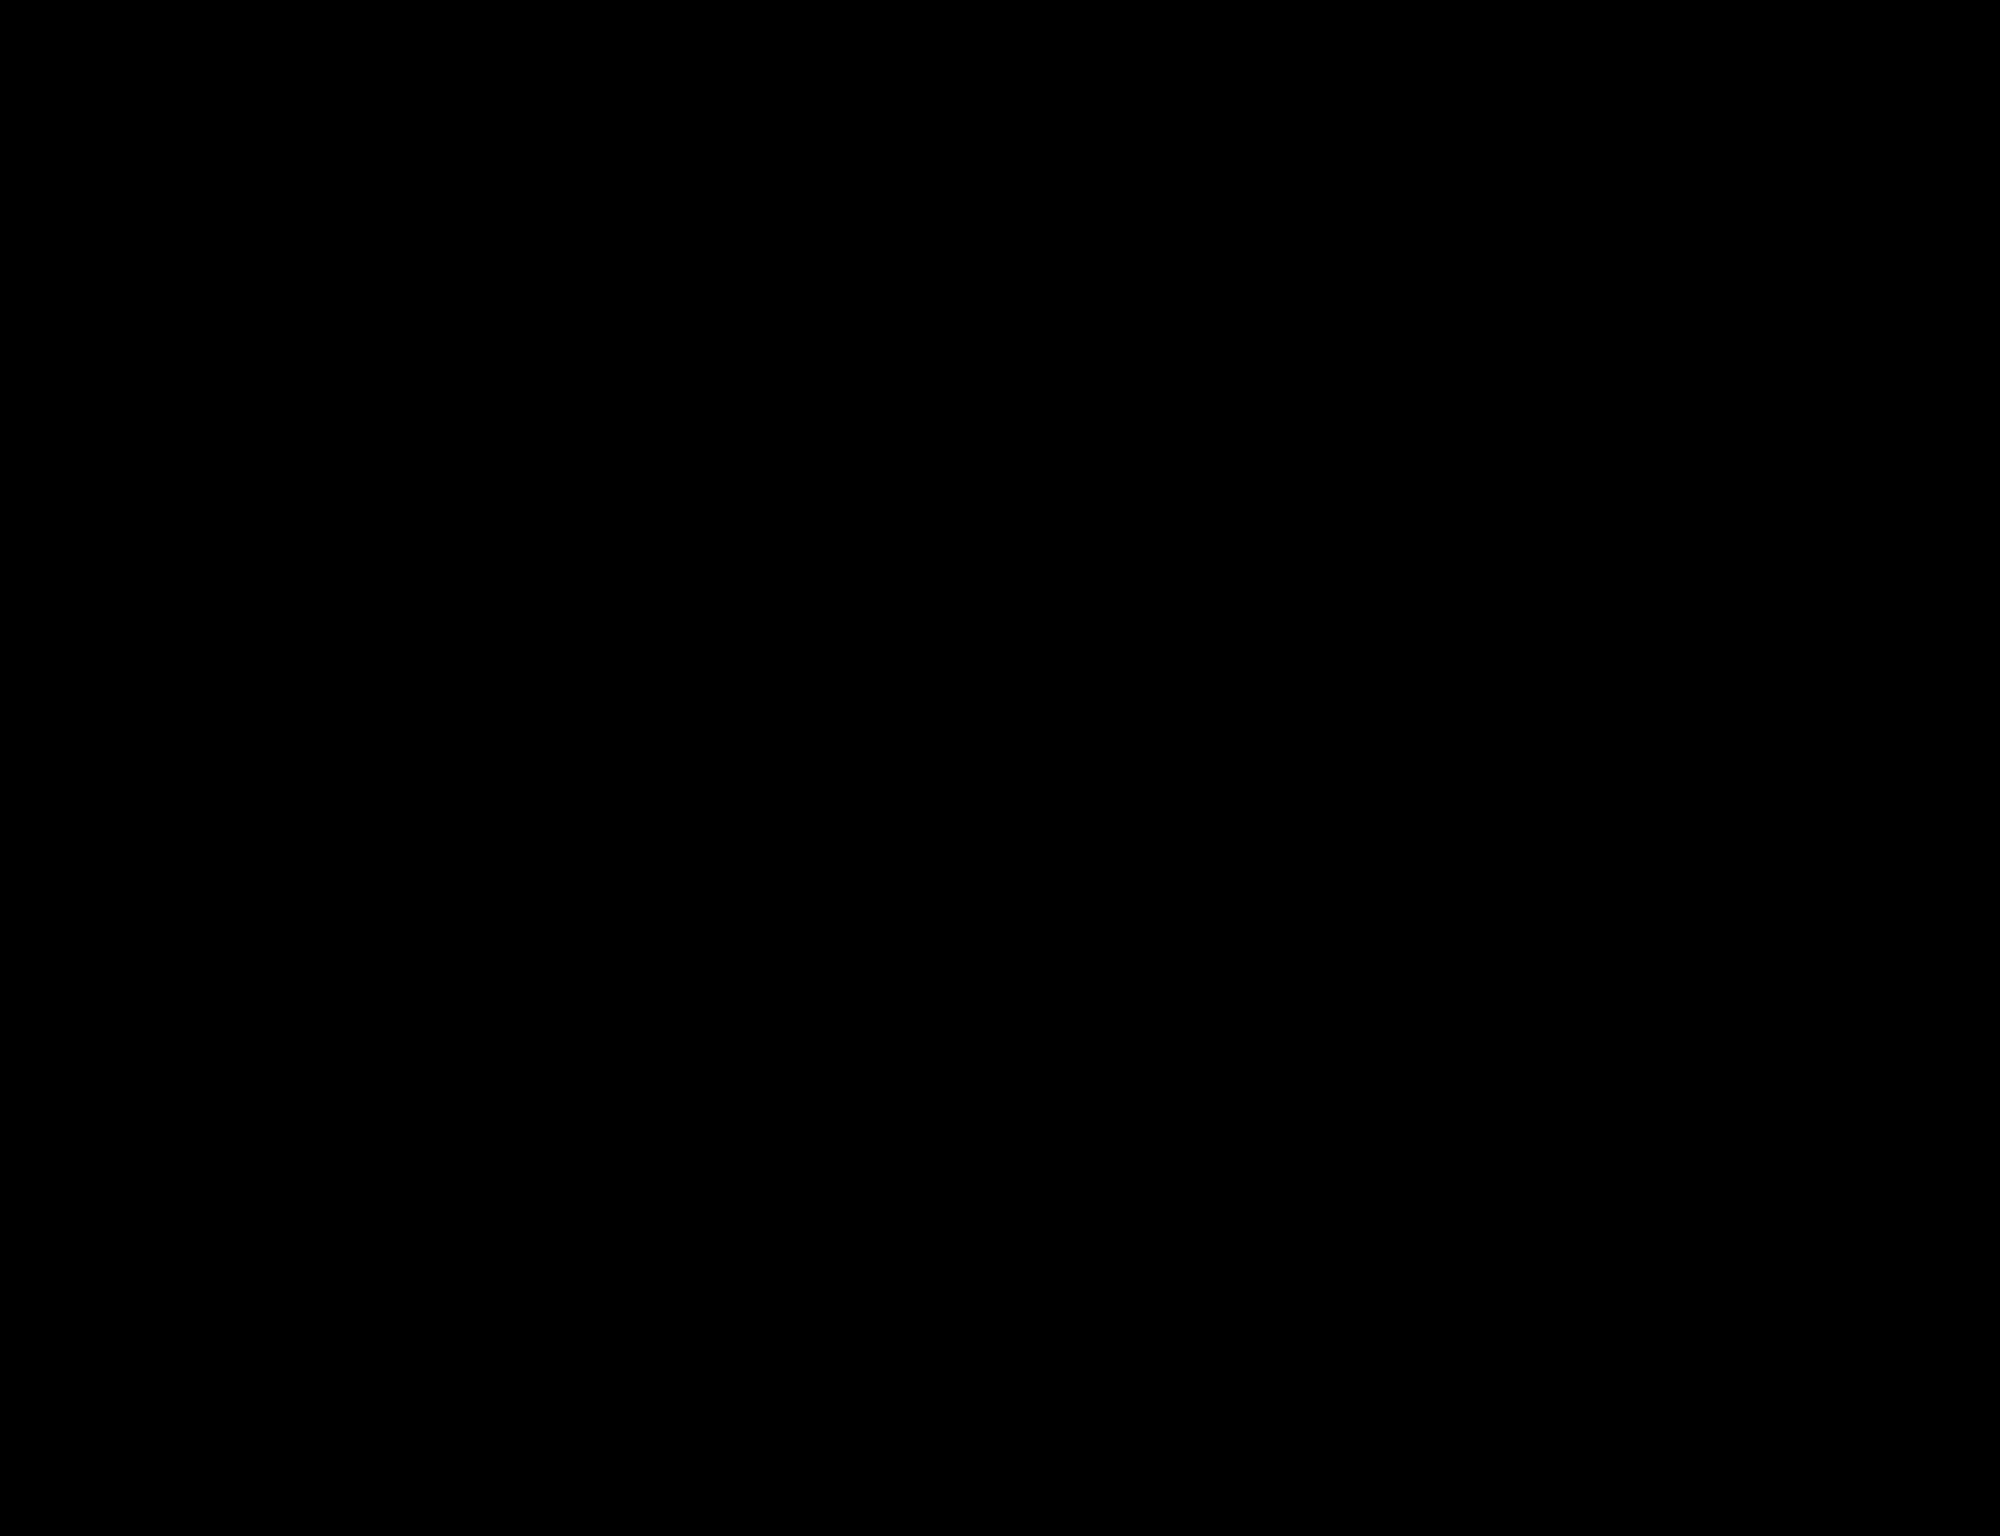 TURBO INLET BAR-TEK AUDI RS3 8V | AUDI TTRS 8S 2.5L TFSI